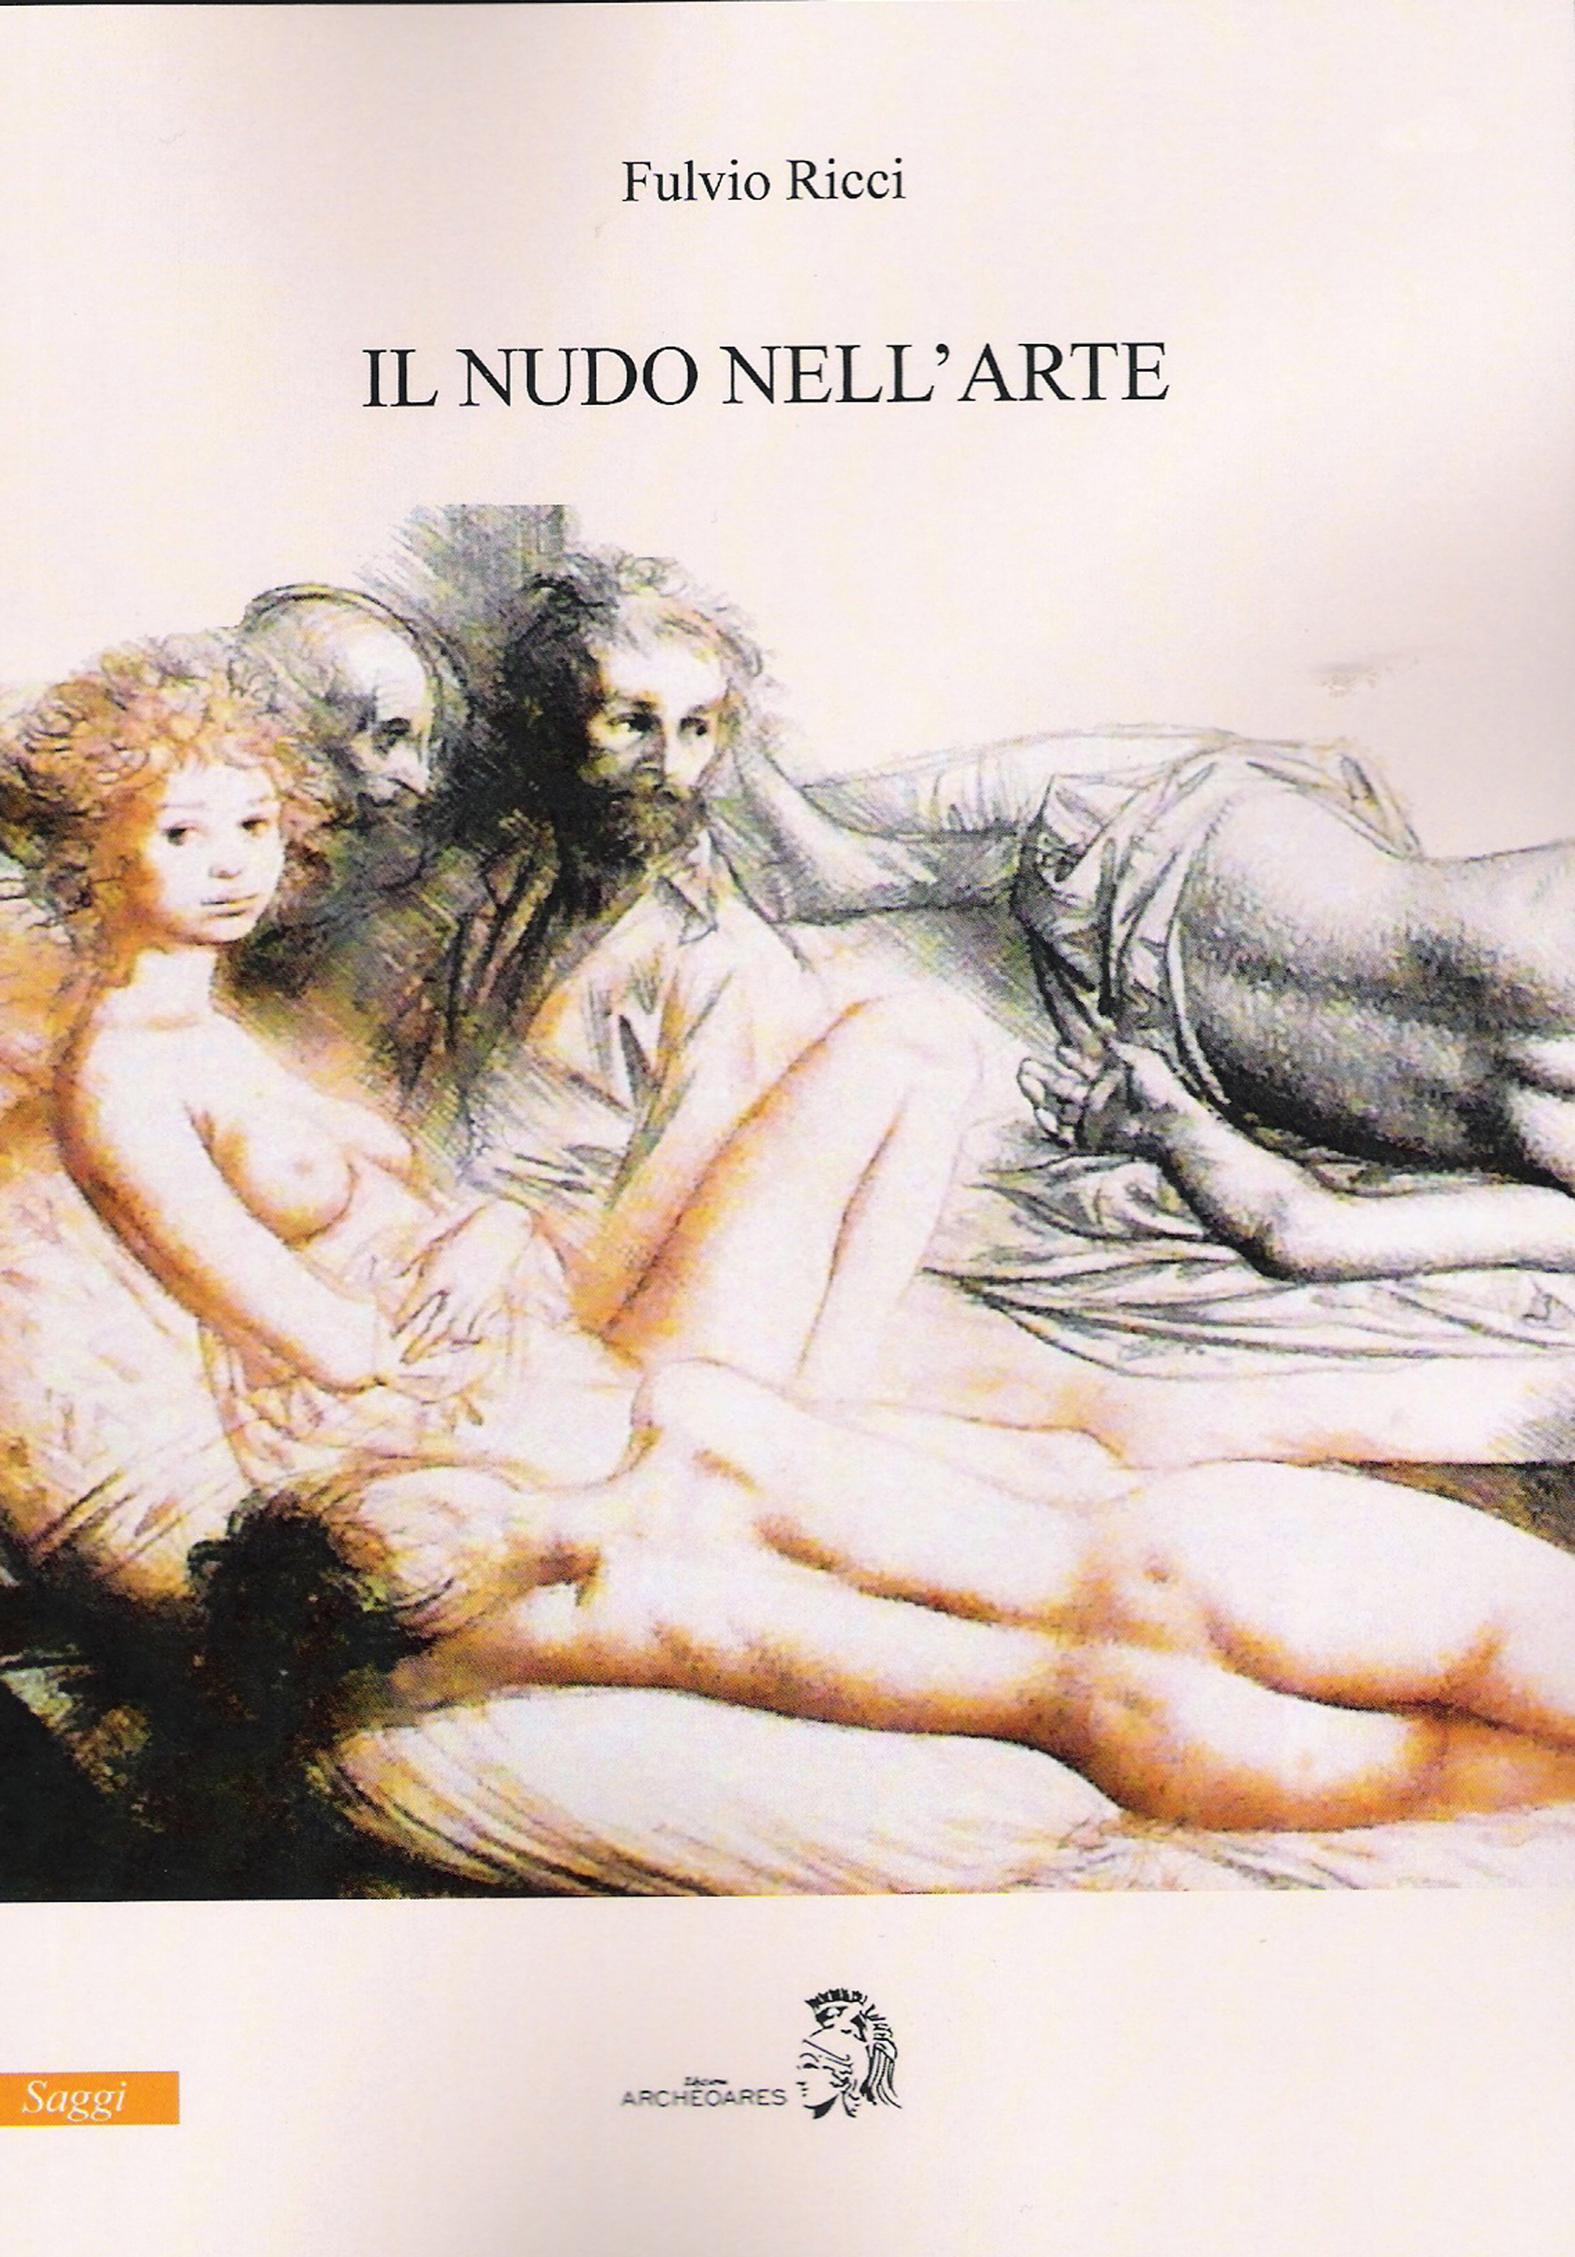 nudo nell'arte